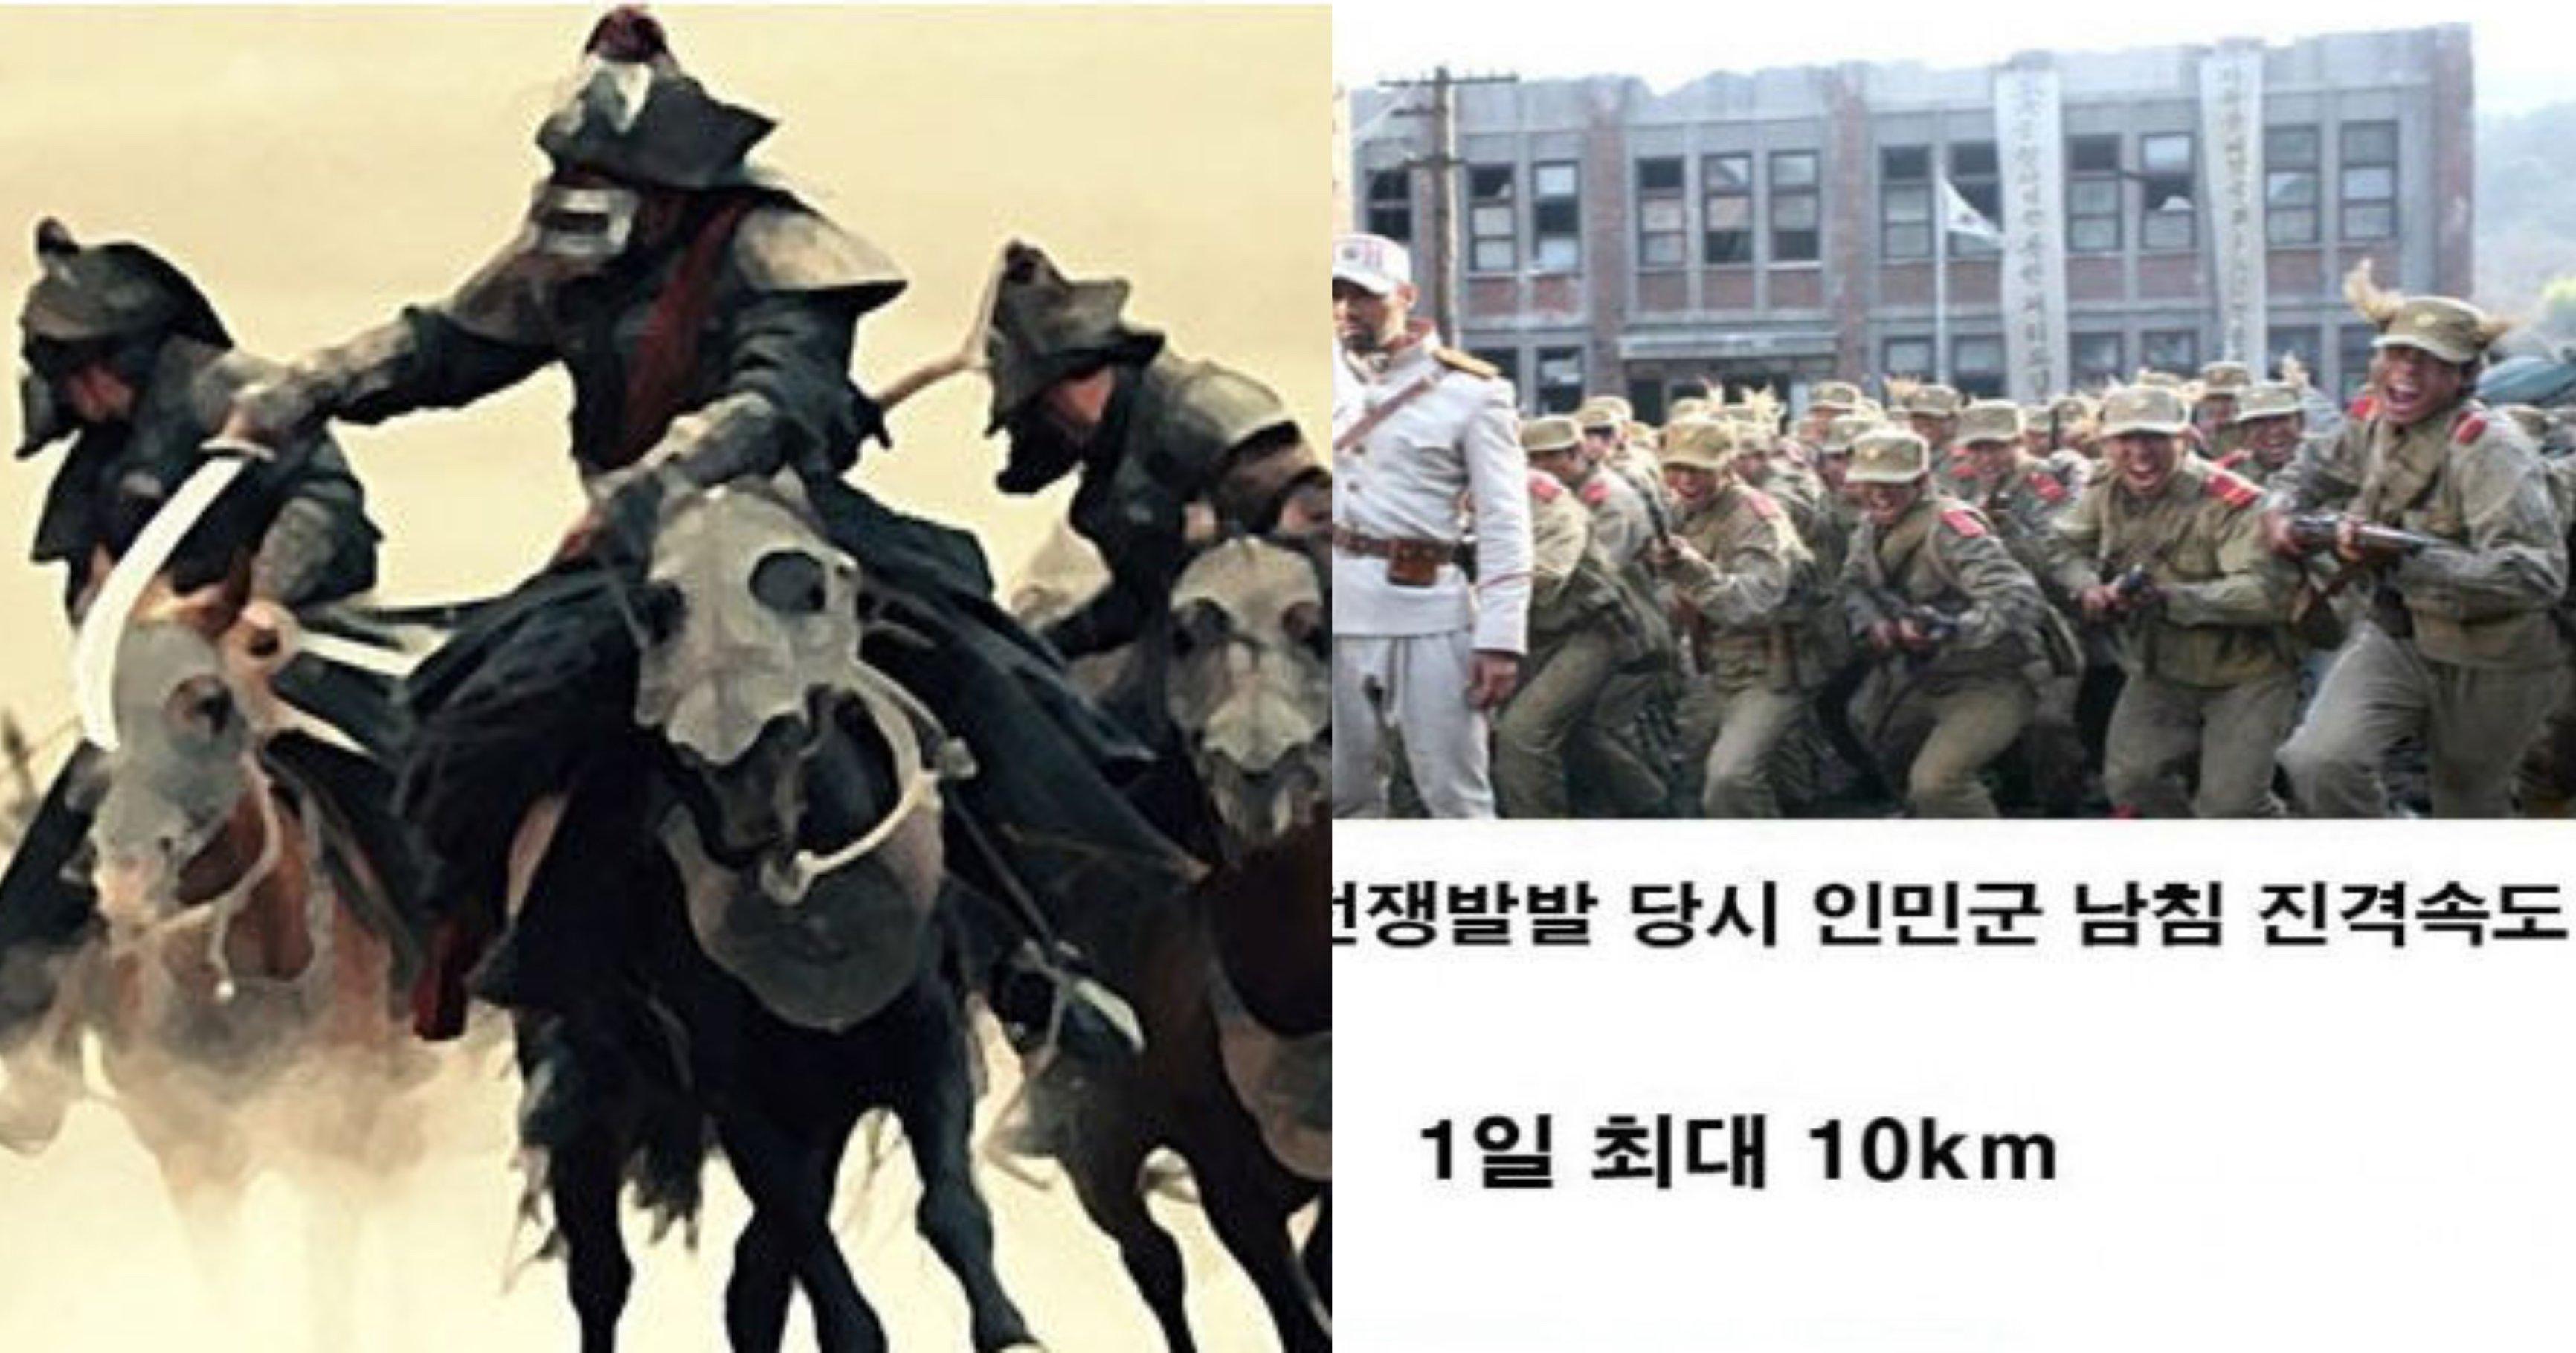 """img c100d6d8b7be 1.jpeg?resize=1200,630 - """"하루에 352km?!.."""" 사람인지 치타인지 모르겠다는 역사 속 군대 '행군' 속도 랭킹(+사진)"""